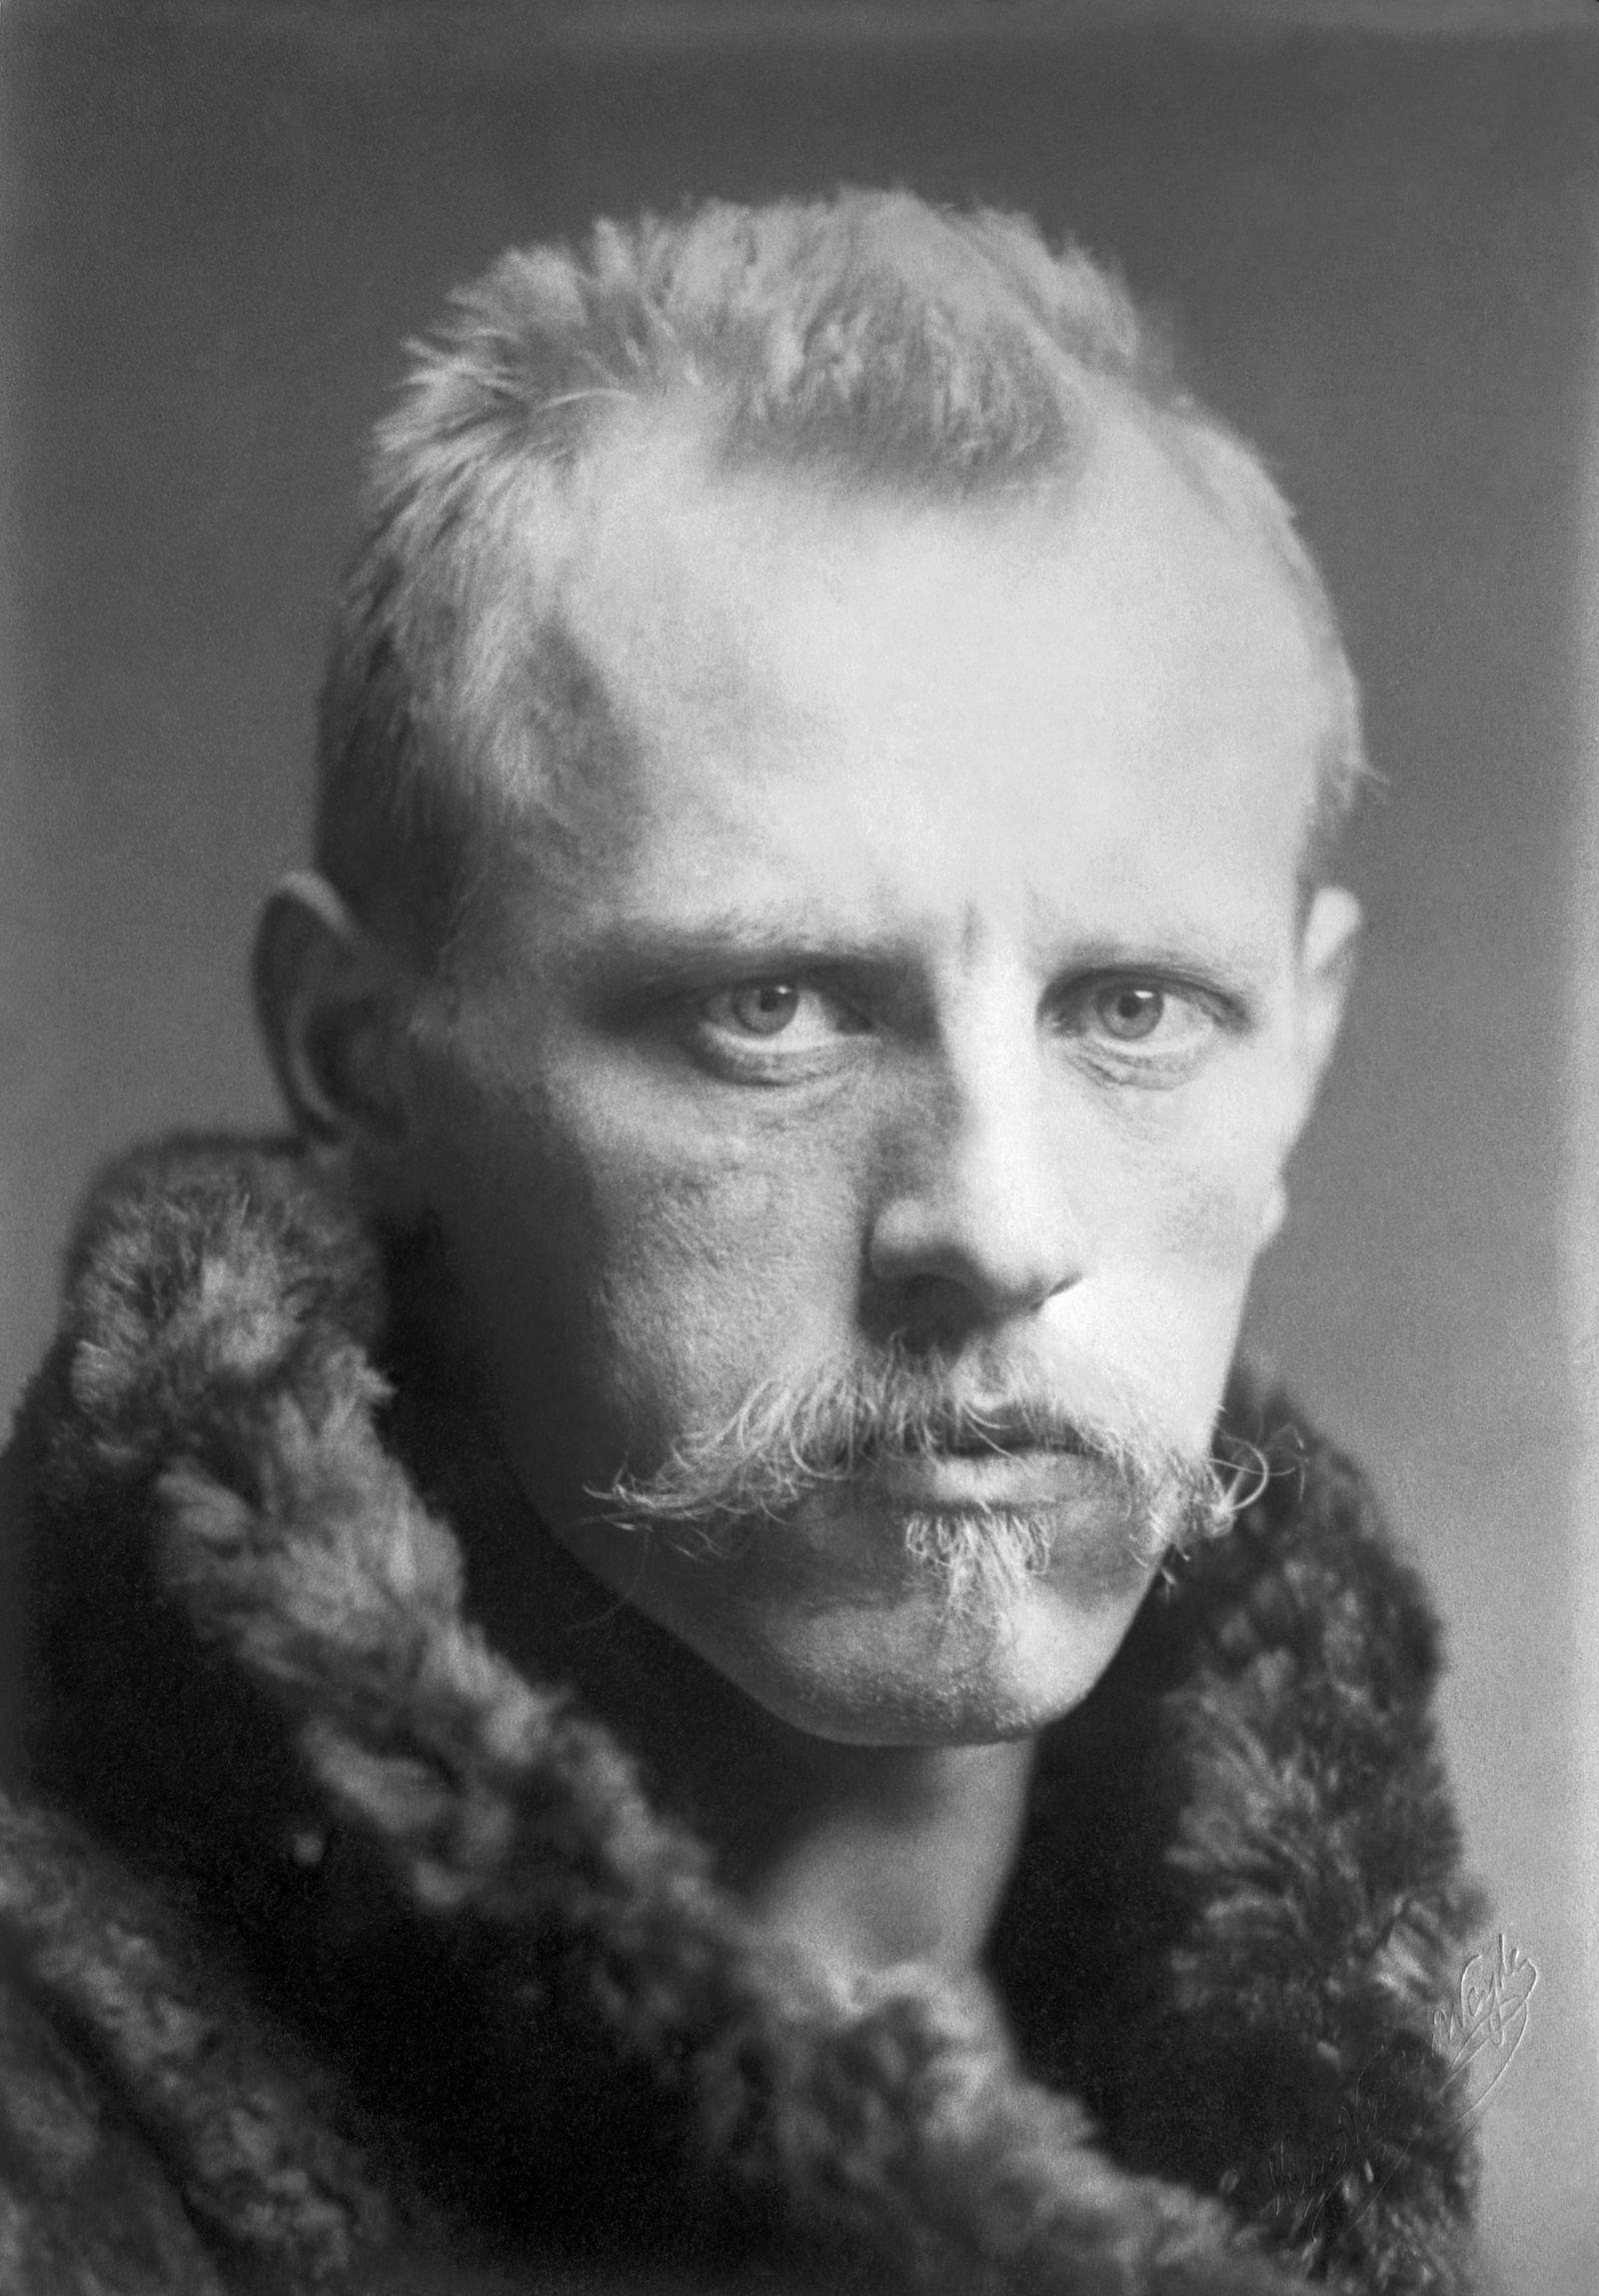 Fridtjof Nansen, Norwegian explorer